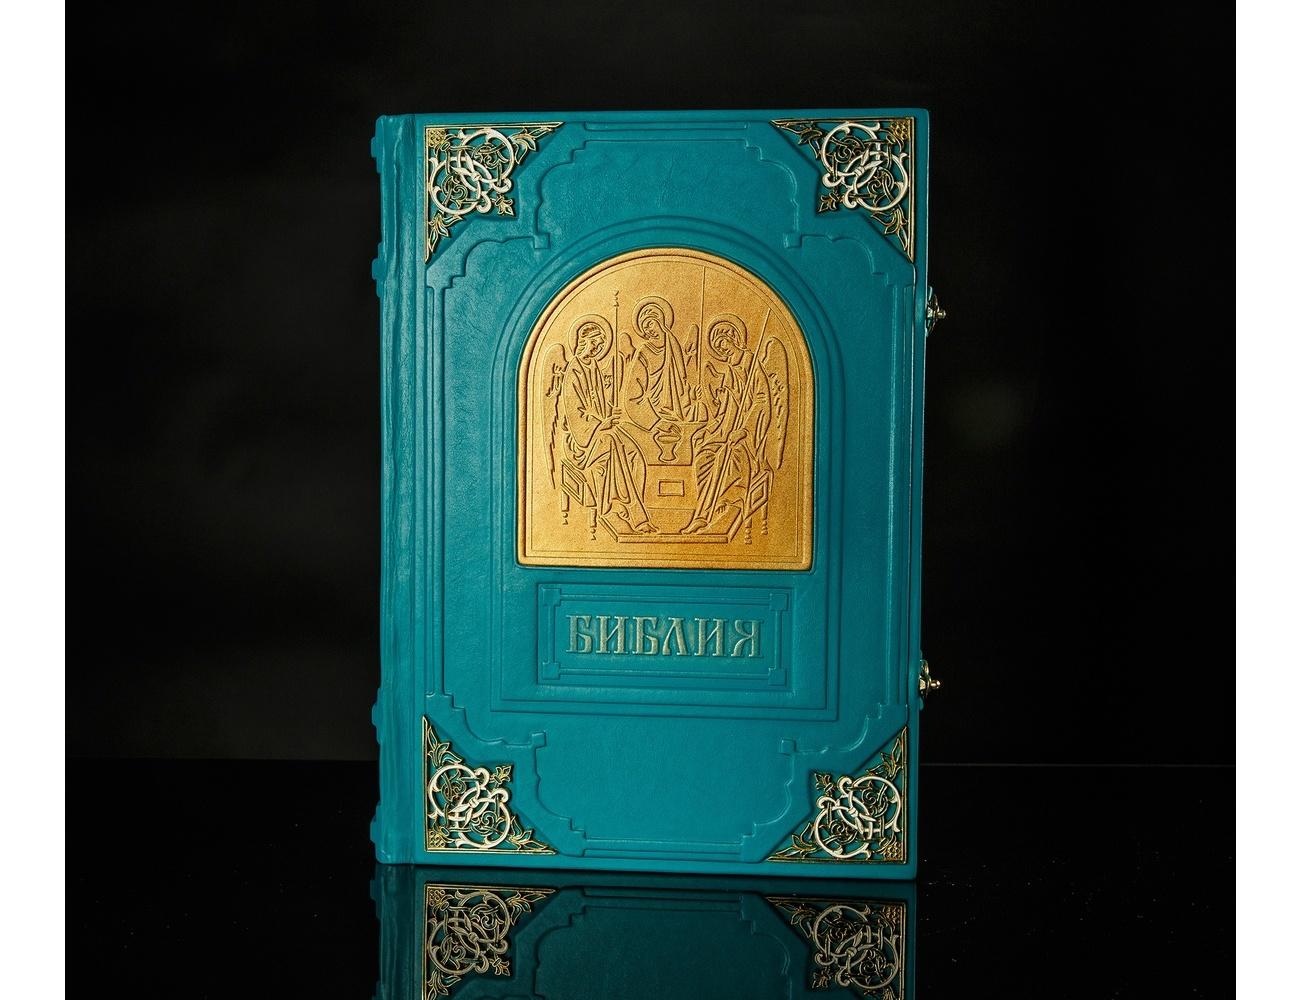 Библия (с эмалевыми уголками и замками, золотым обрезом и индексами, в футляре) от 15 500 руб